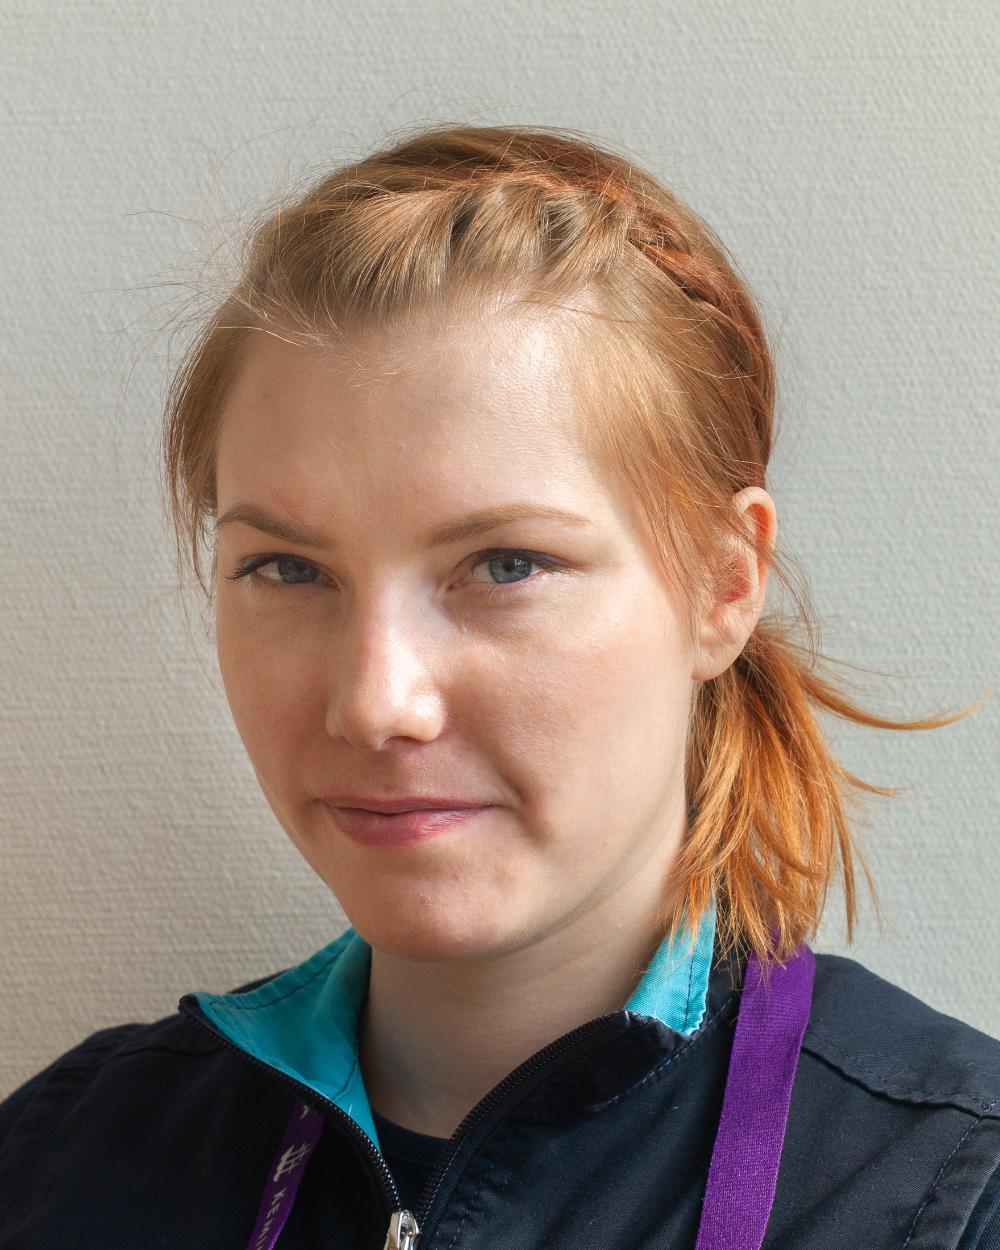 Anni Kehusmaa